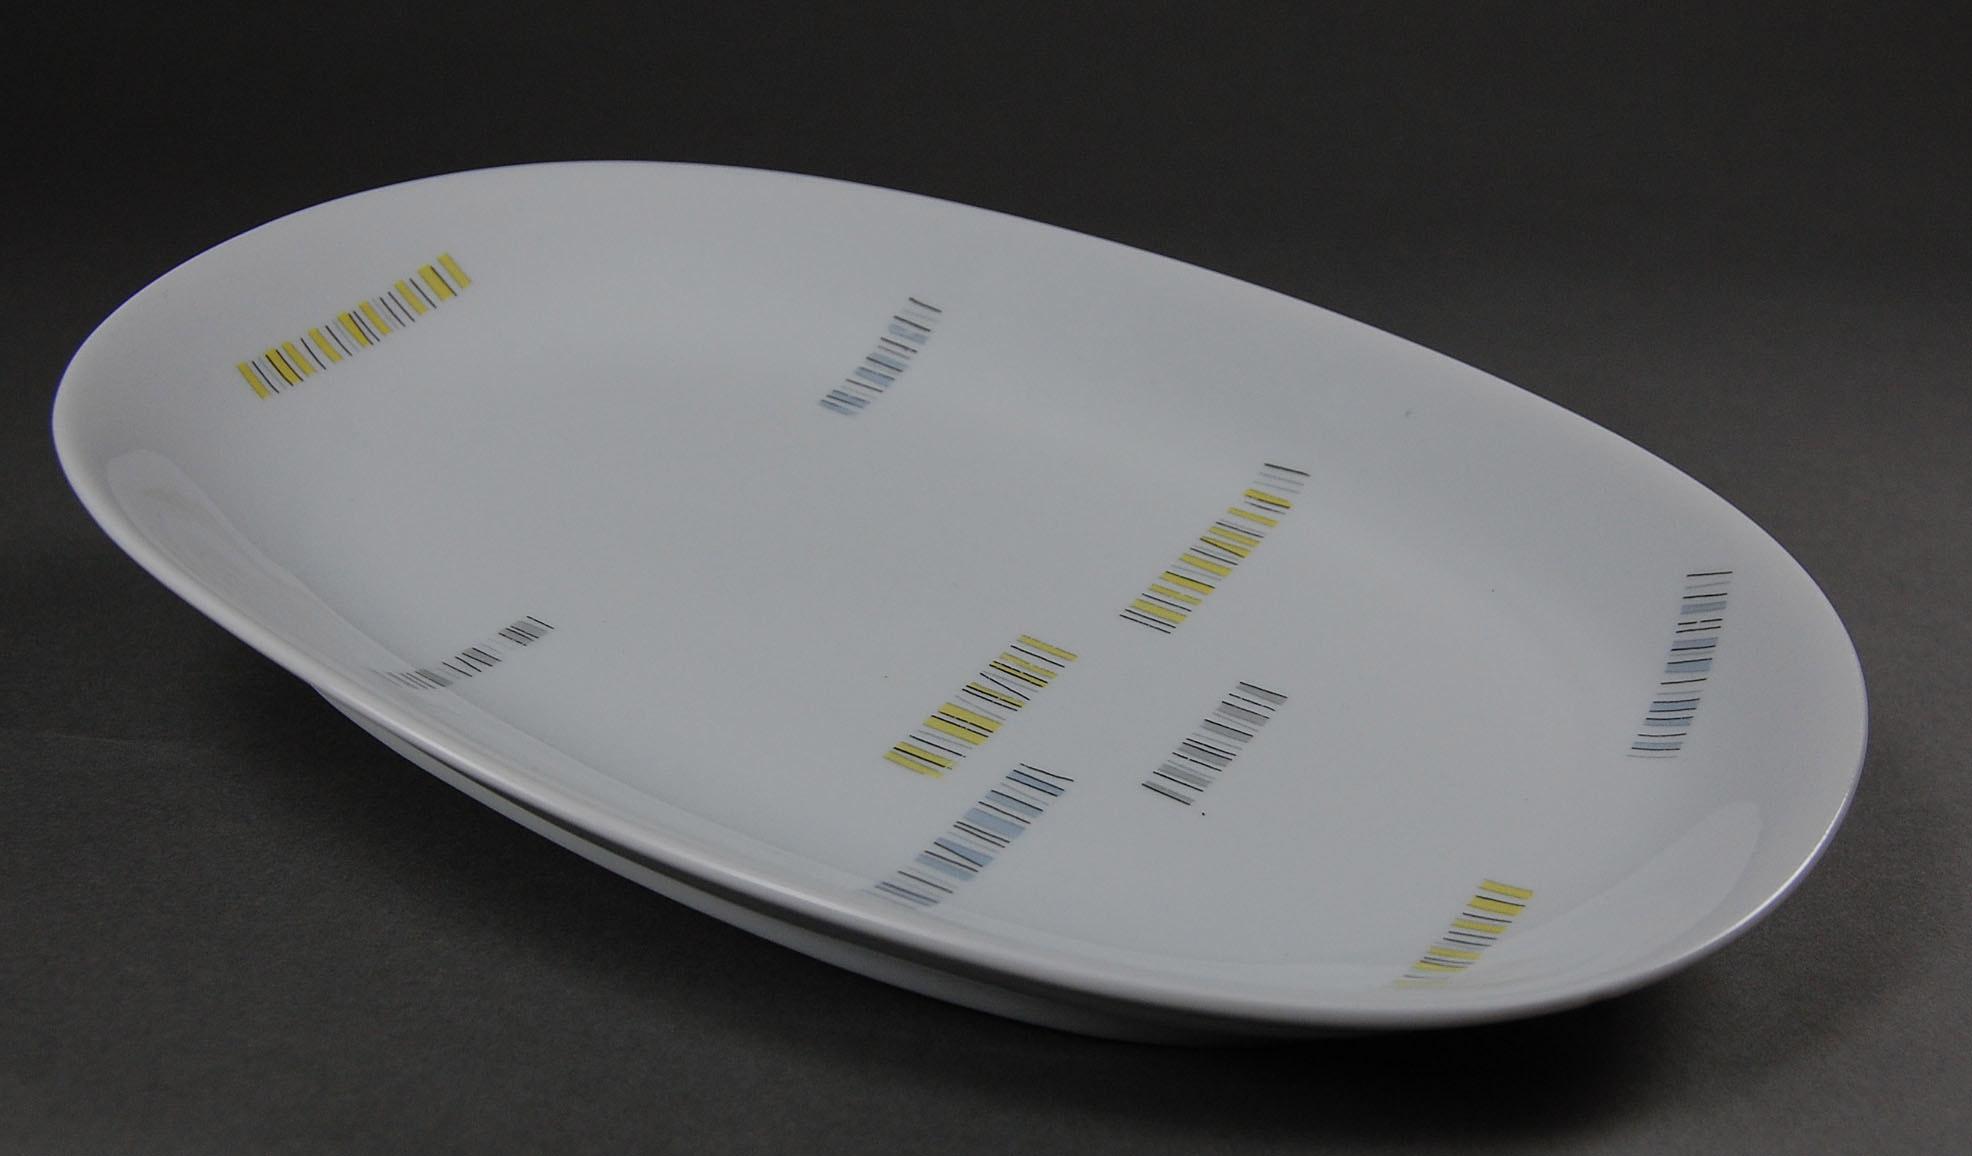 Kpm krister service rheinpfalz vorlegeplatte oval for Kpm leuchten